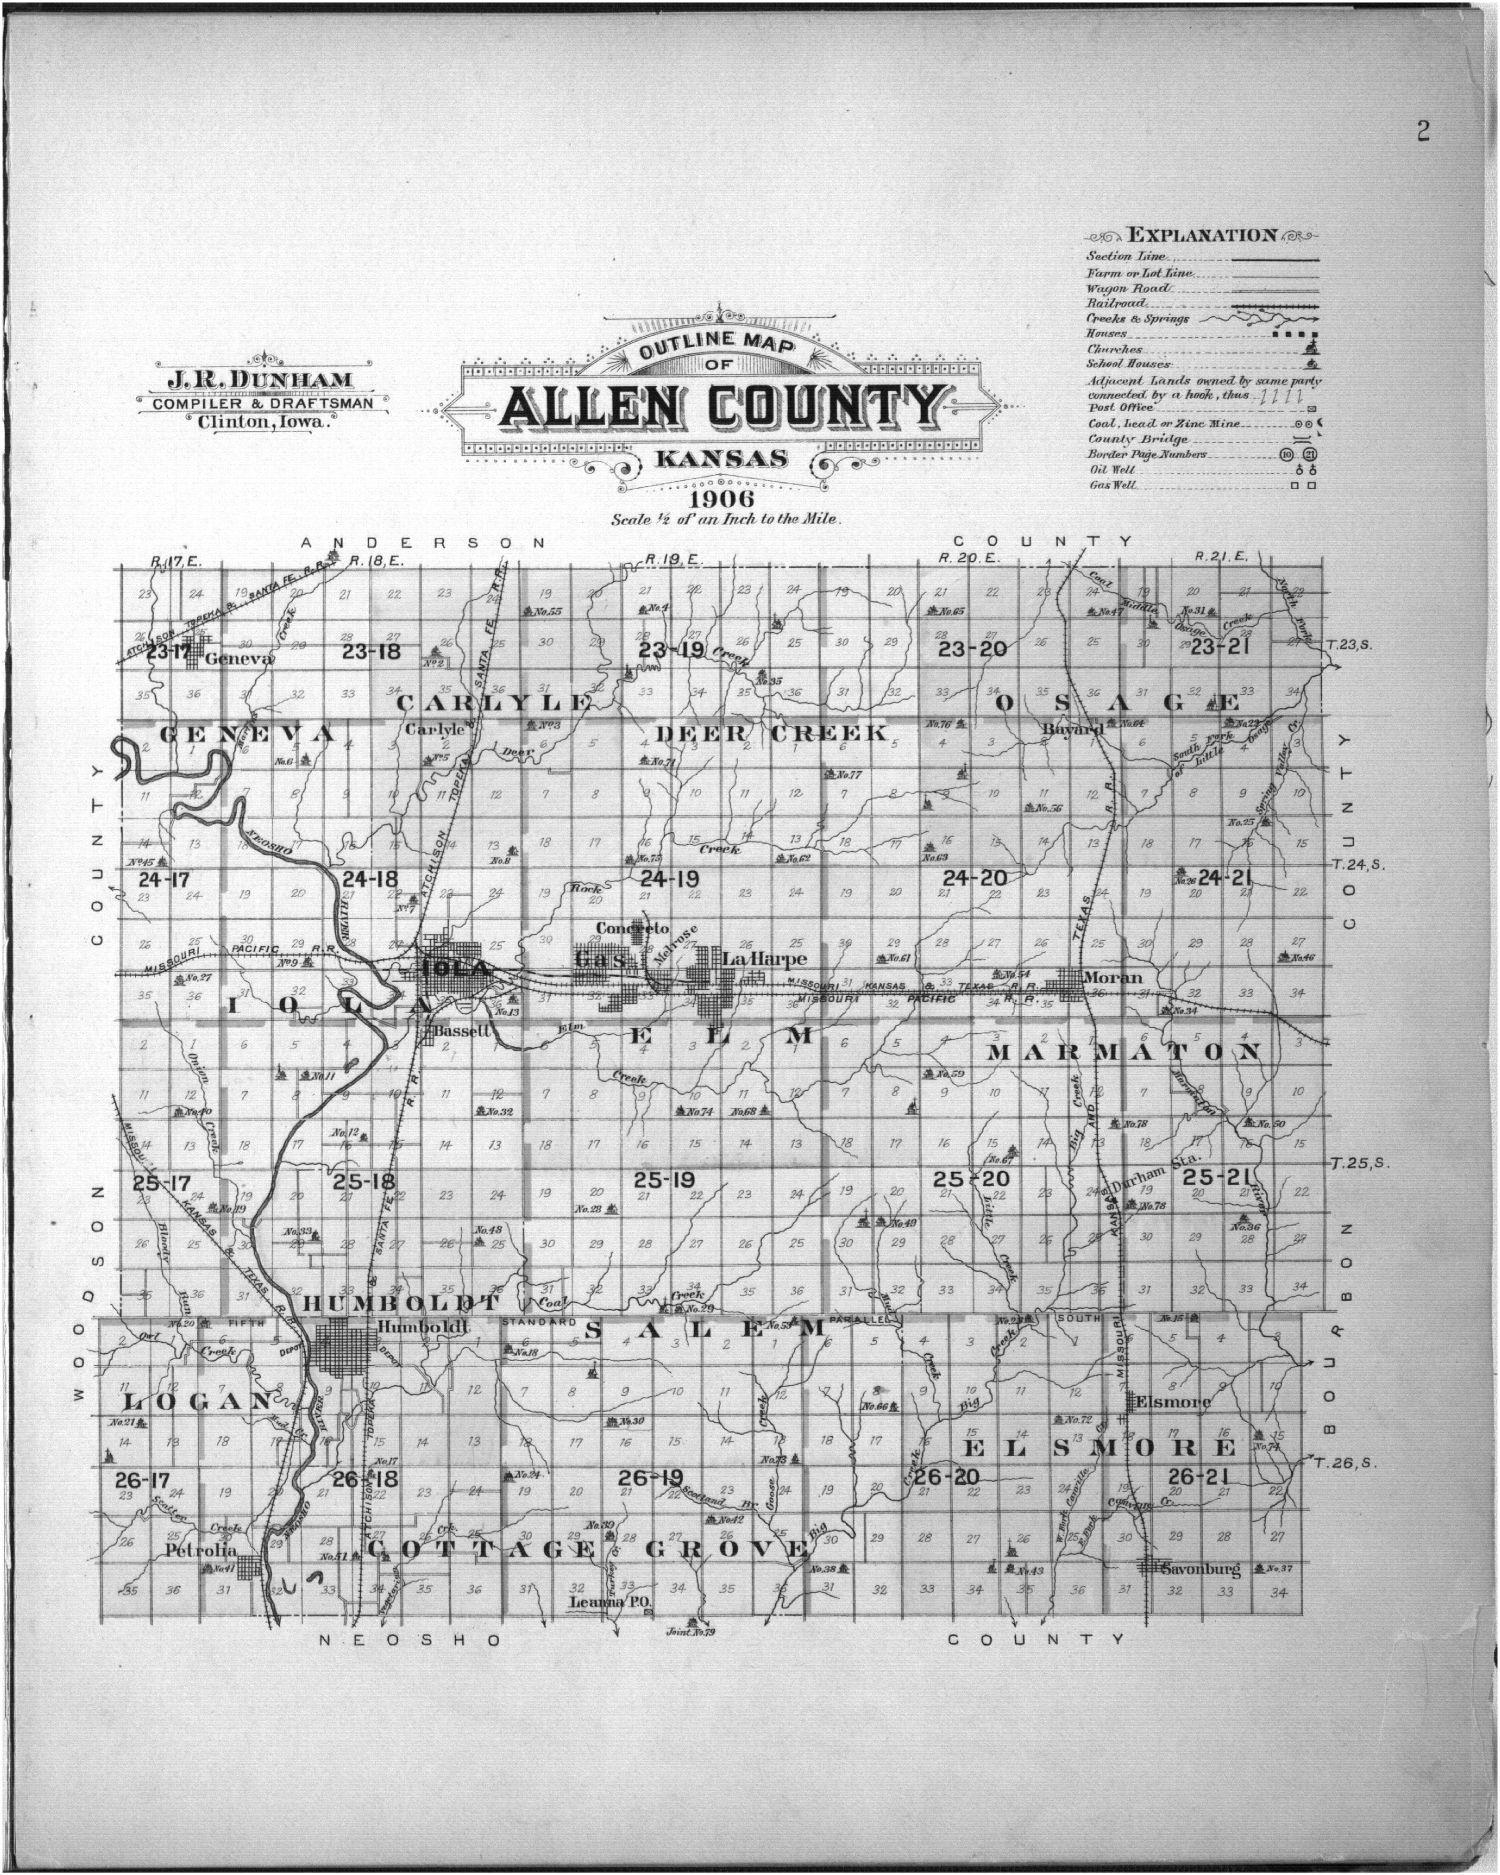 Plat book of Allen County, Kansas - 2